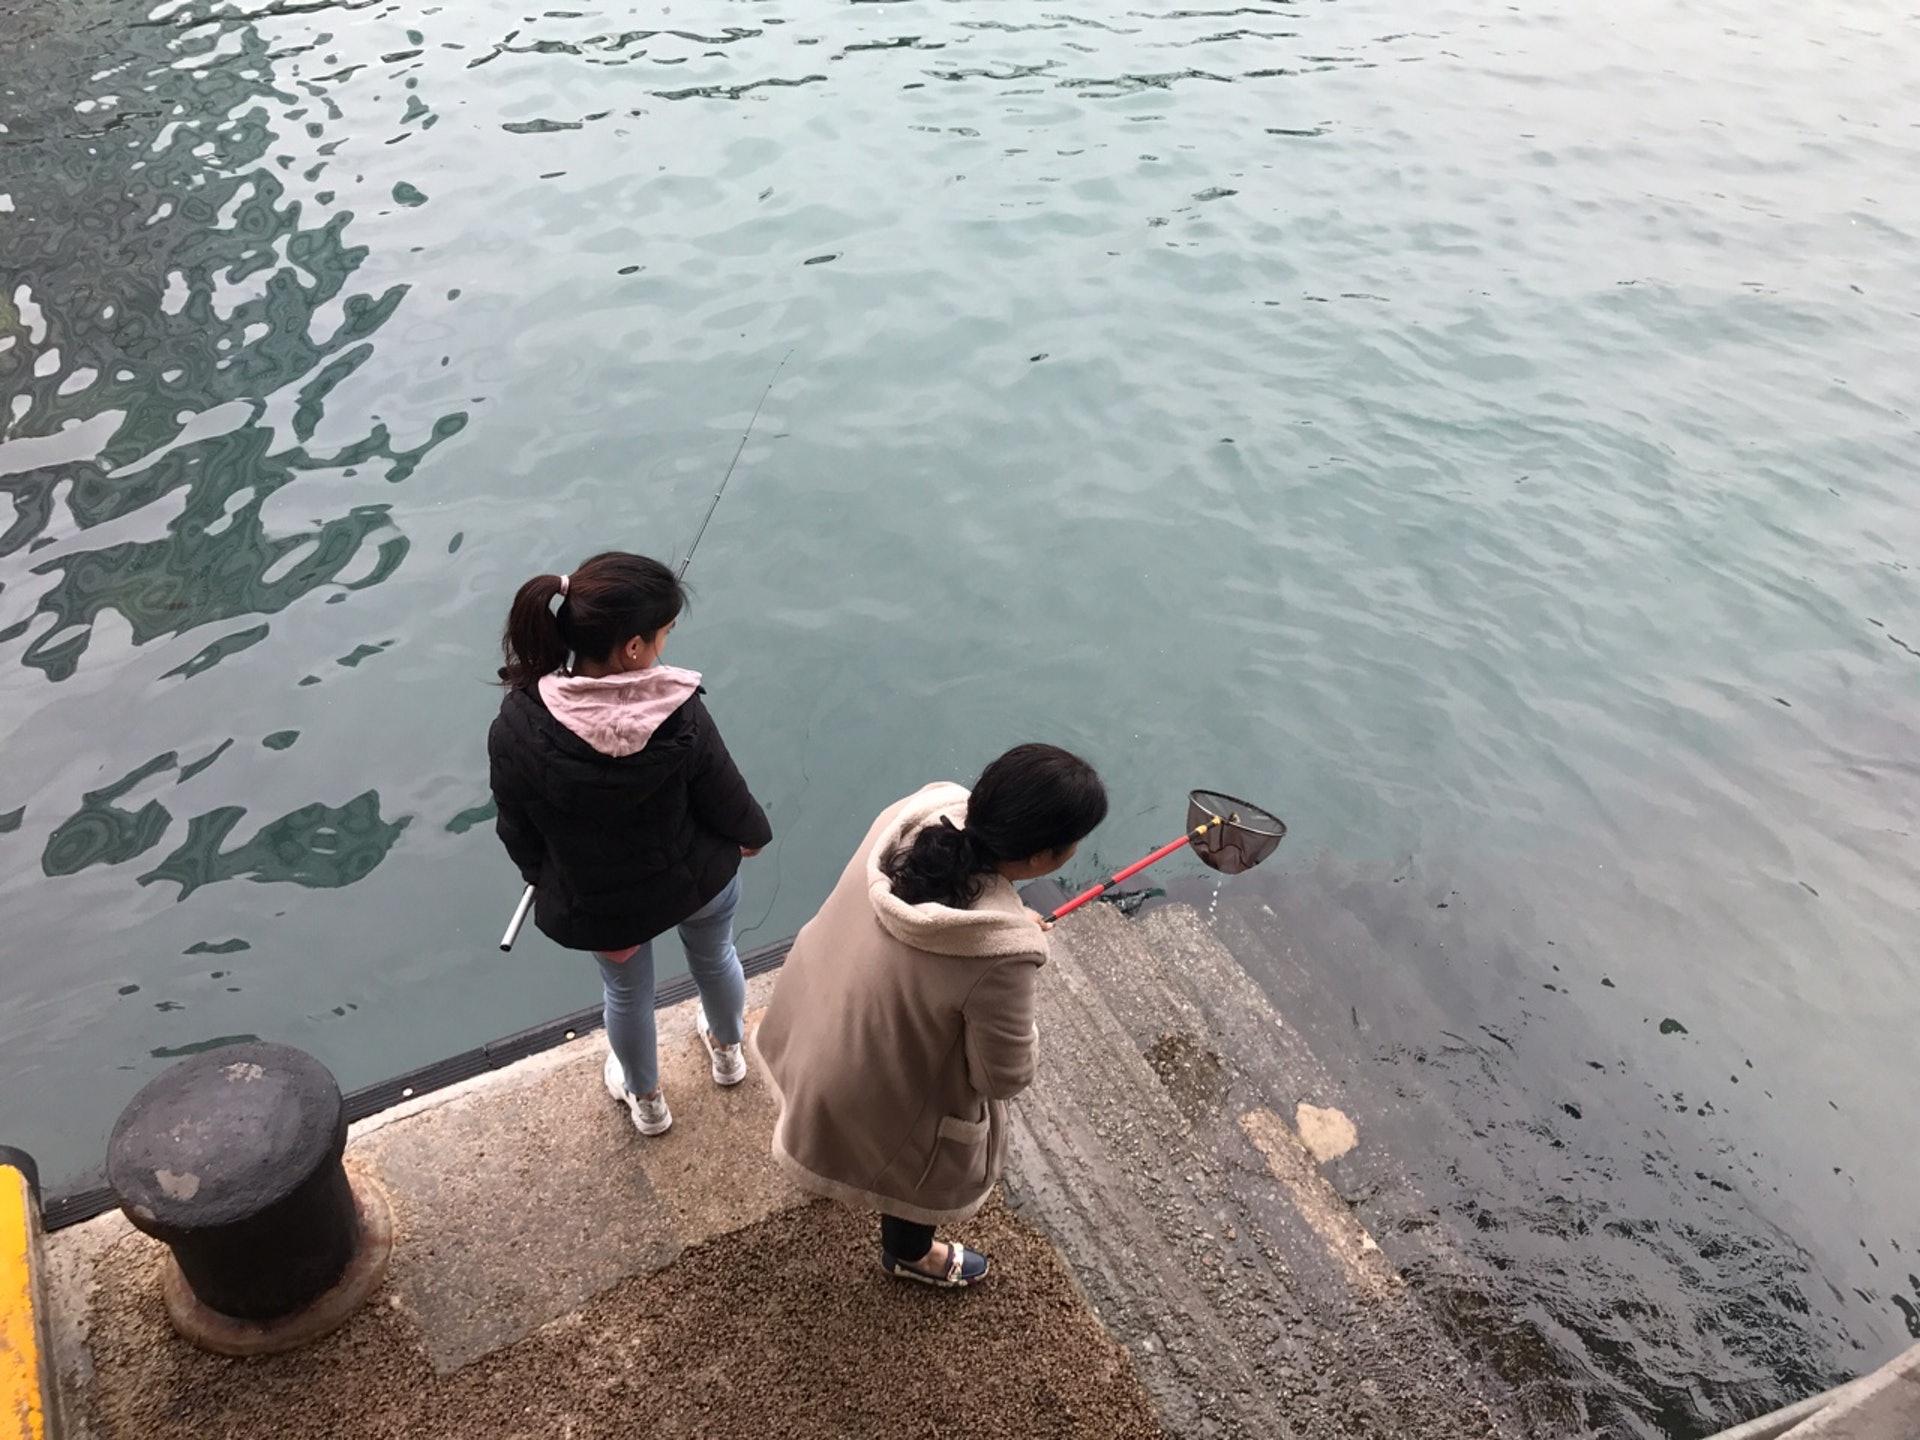 這一邊有人在放生各款海魚,在碼頭的另一邊,則有市民將疑似被放回大海的泥鯭撈起。(梁煥敏攝)